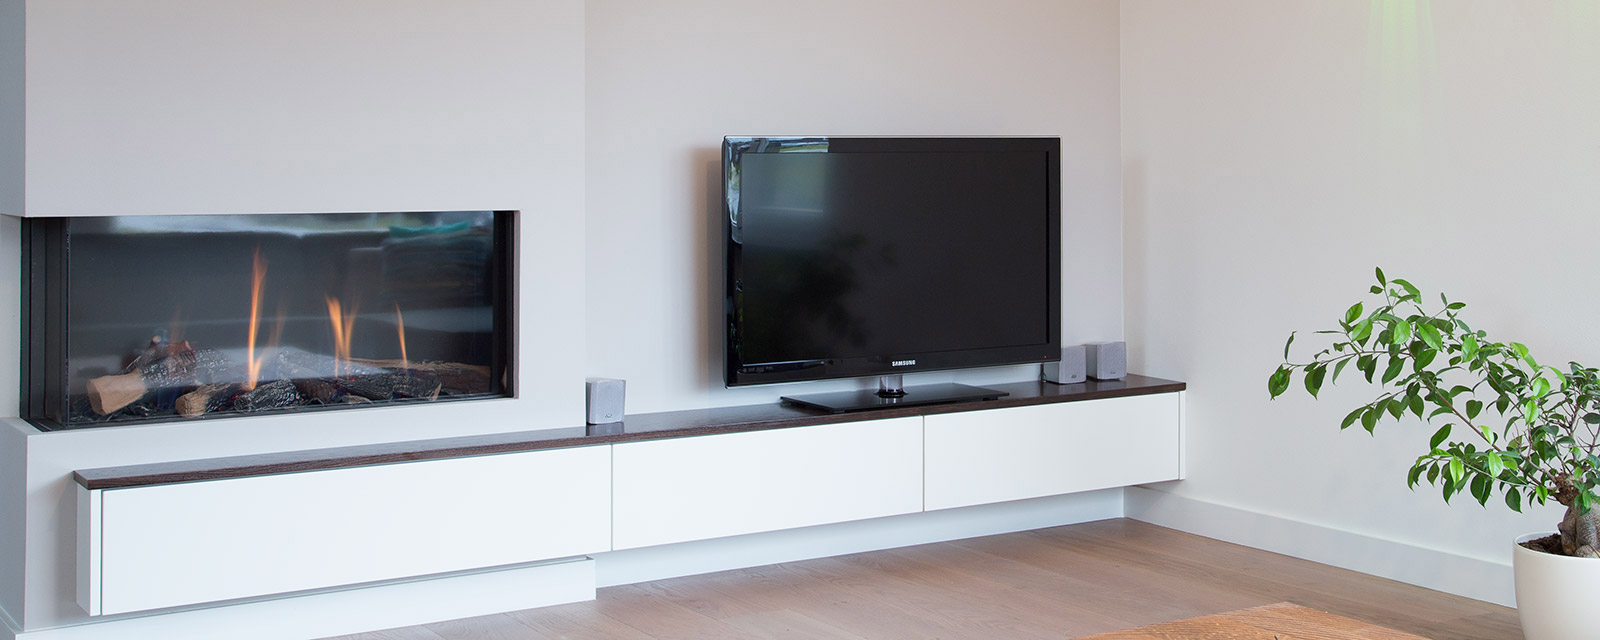 Woonkamer Muur Tv